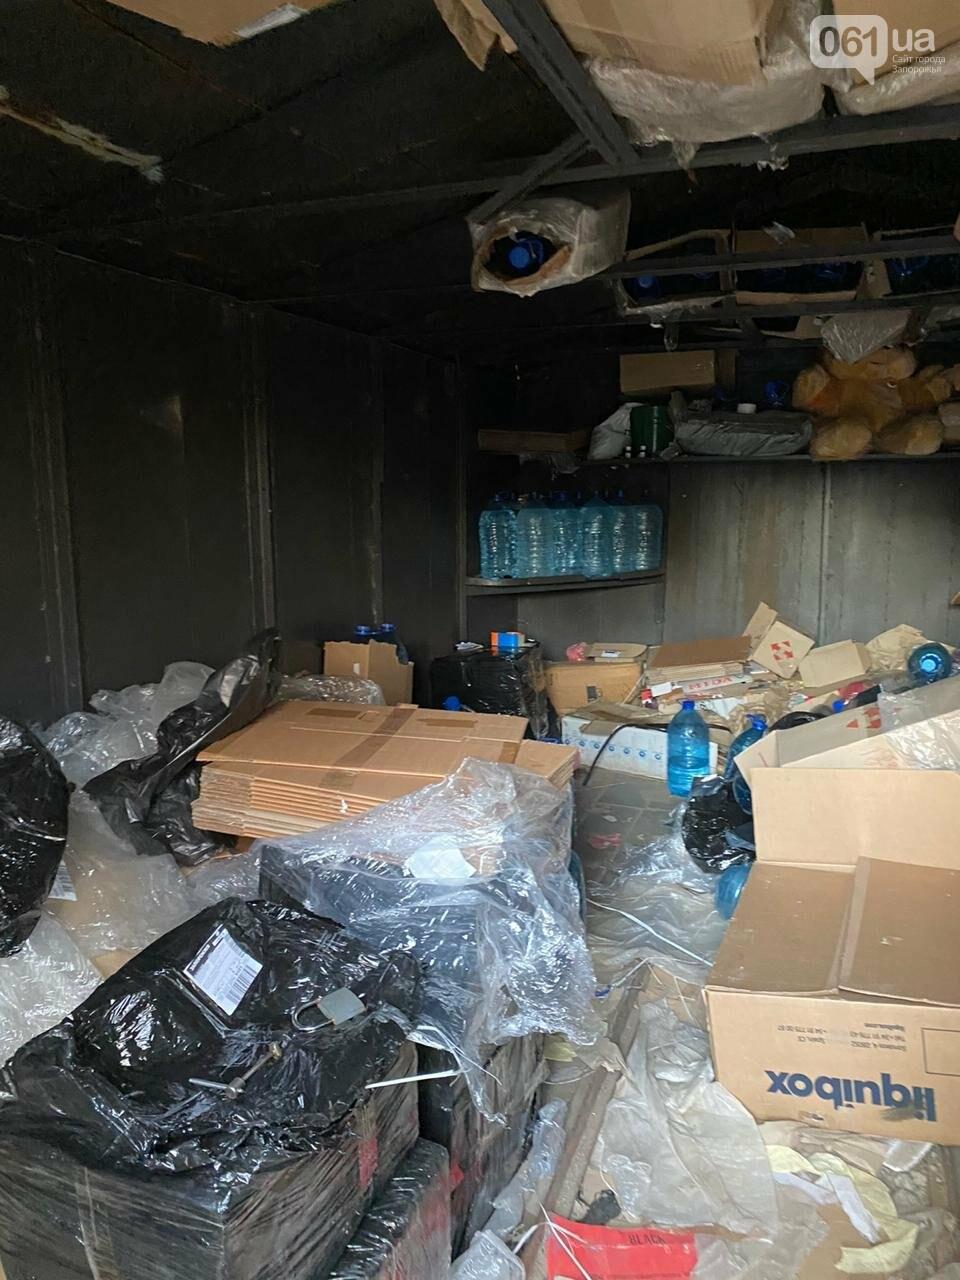 В Запорожской области обнаружили 2,5 тонны фальсифицированного алкоголя, фото-15